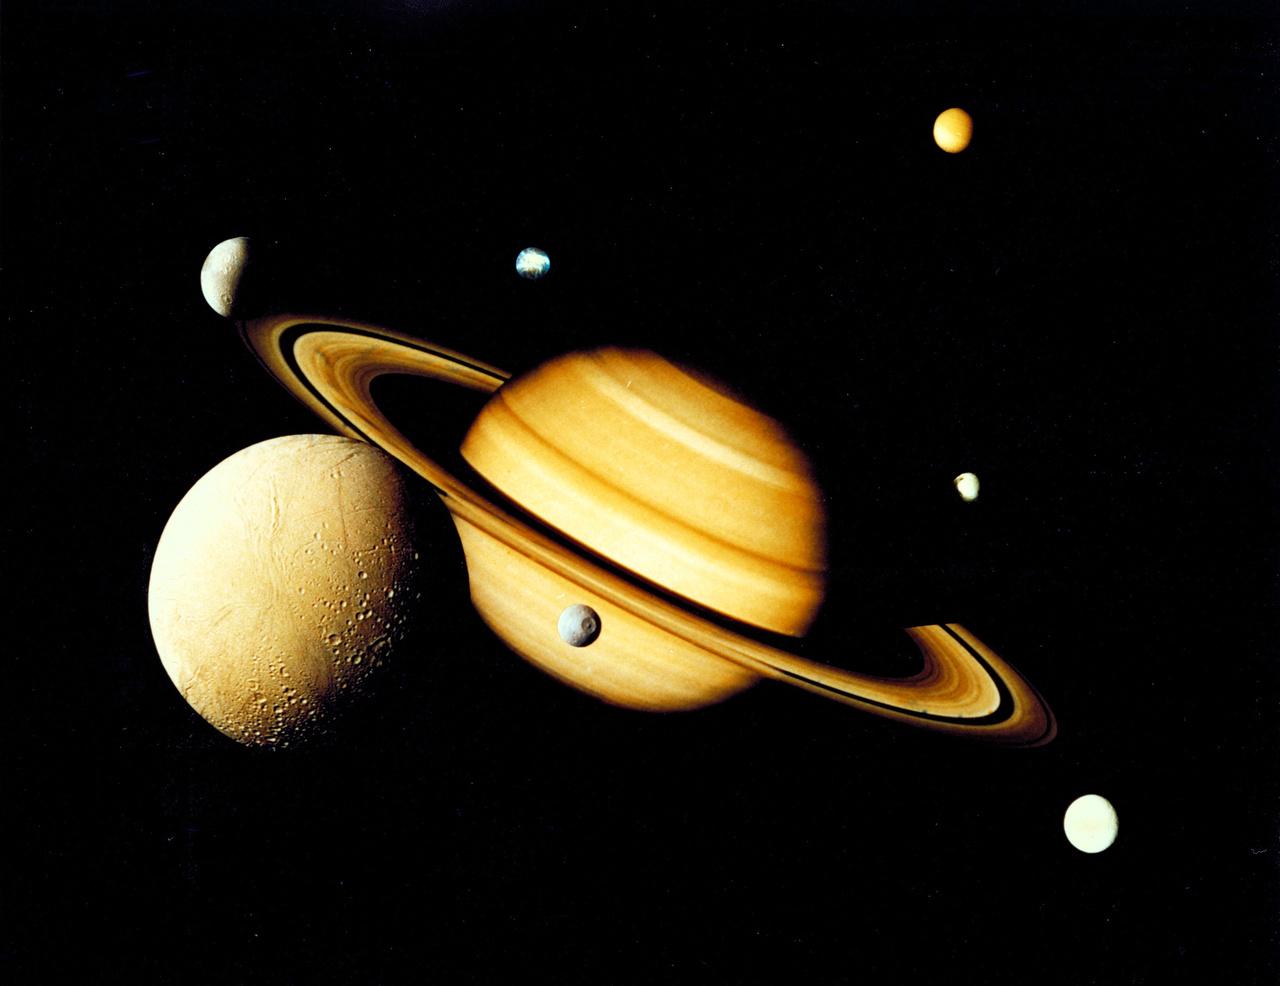 Voyager 2 montázs: a Szaturnusz és hét holdja.